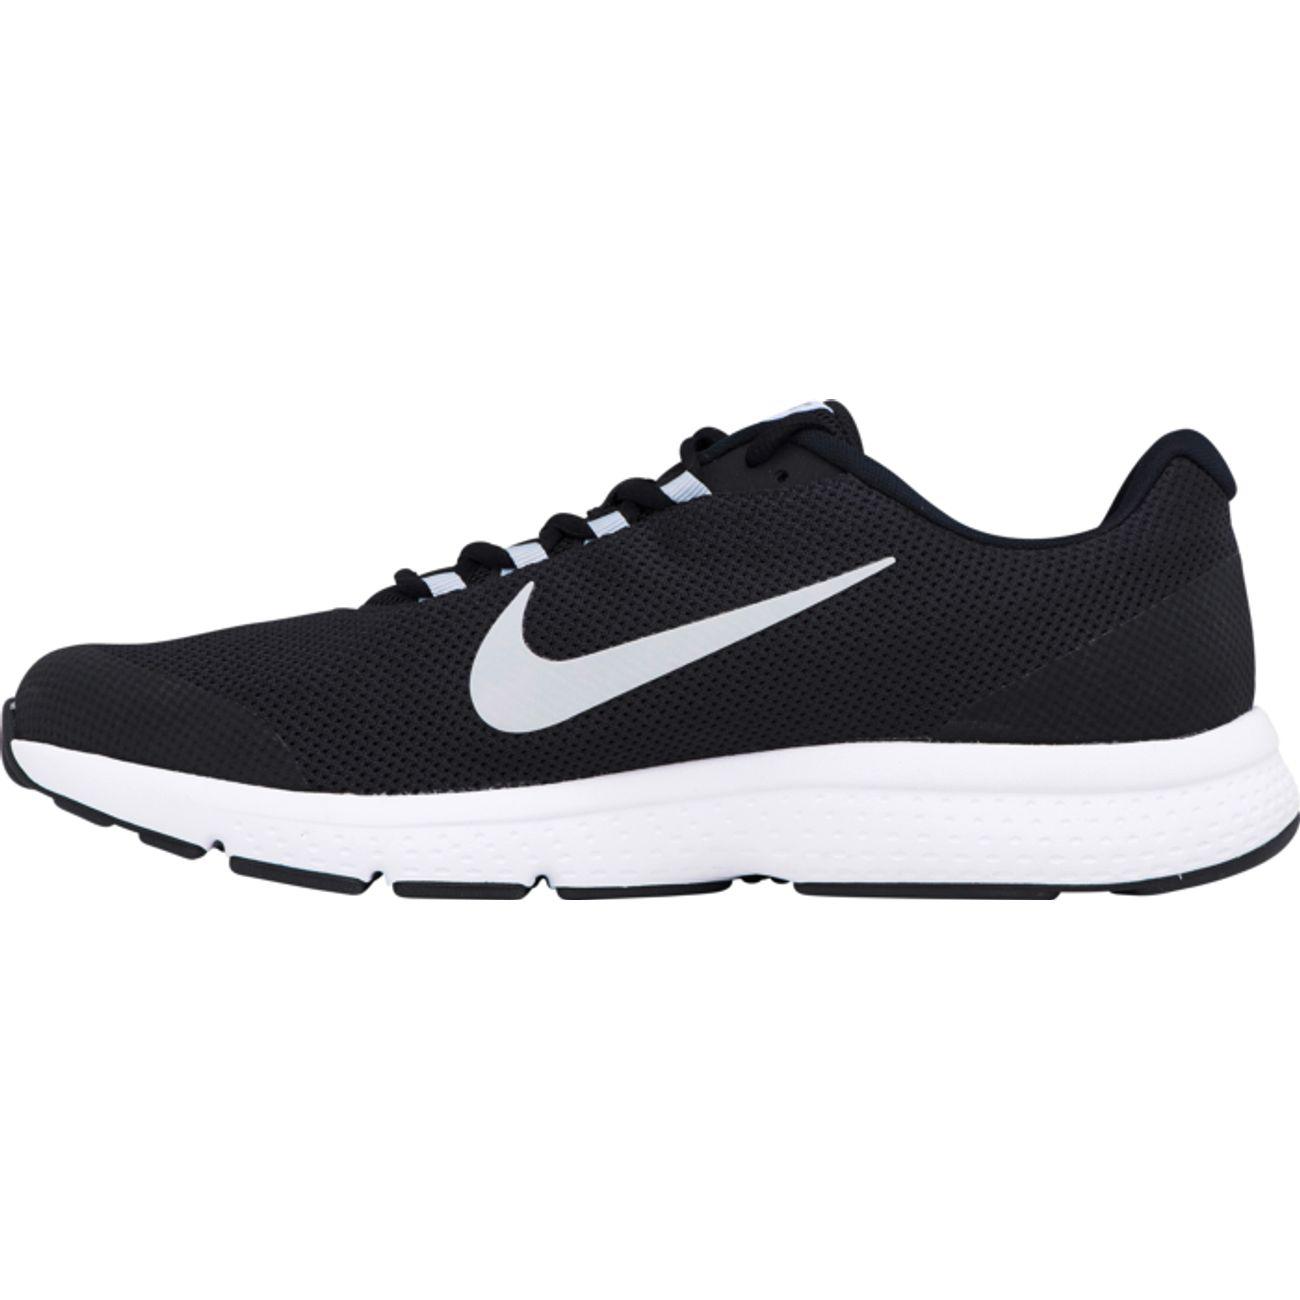 M Homme Basses Running Runallday Chaussures Nike qVUSMzpG